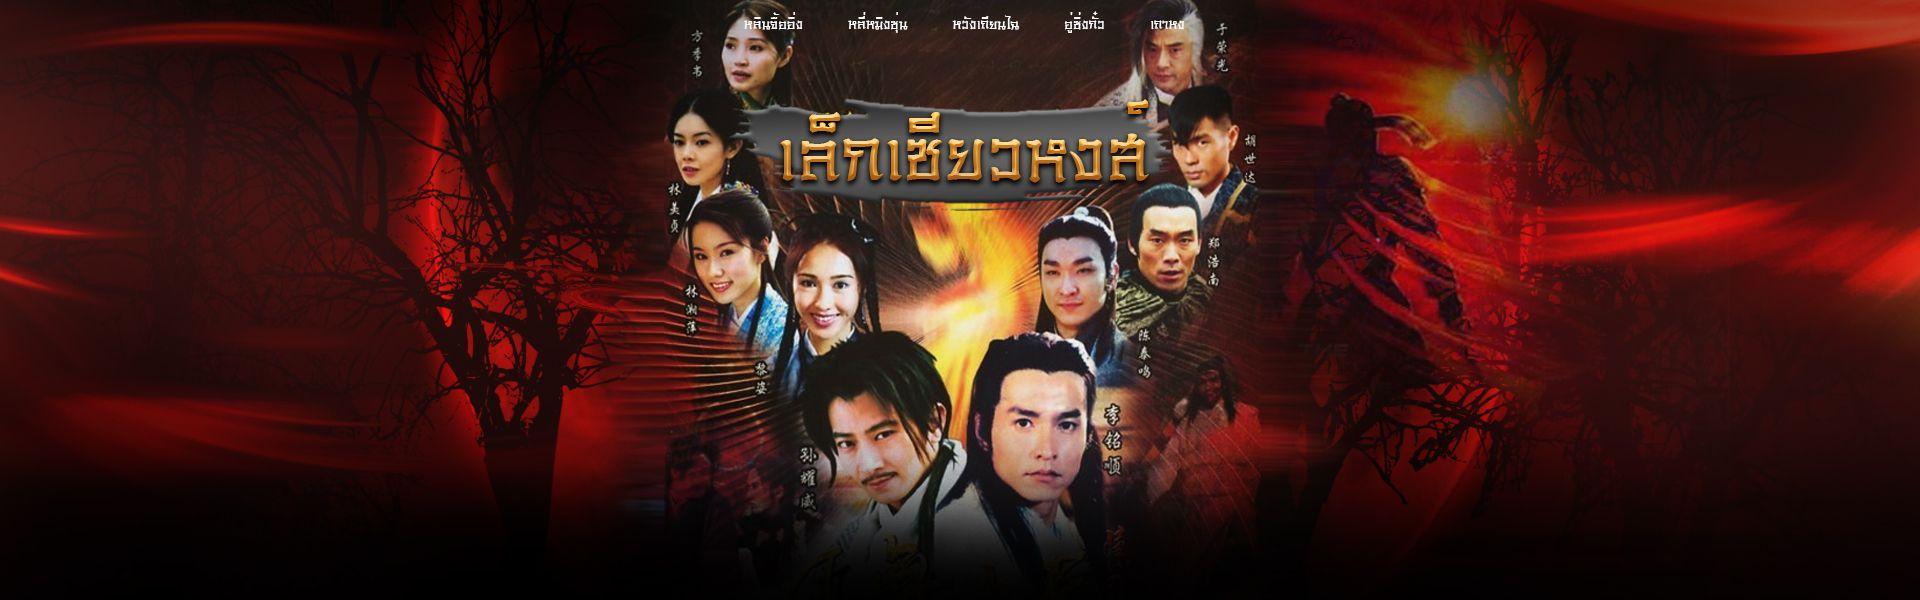 LekSiaoHong-copyright-SansiriBlog